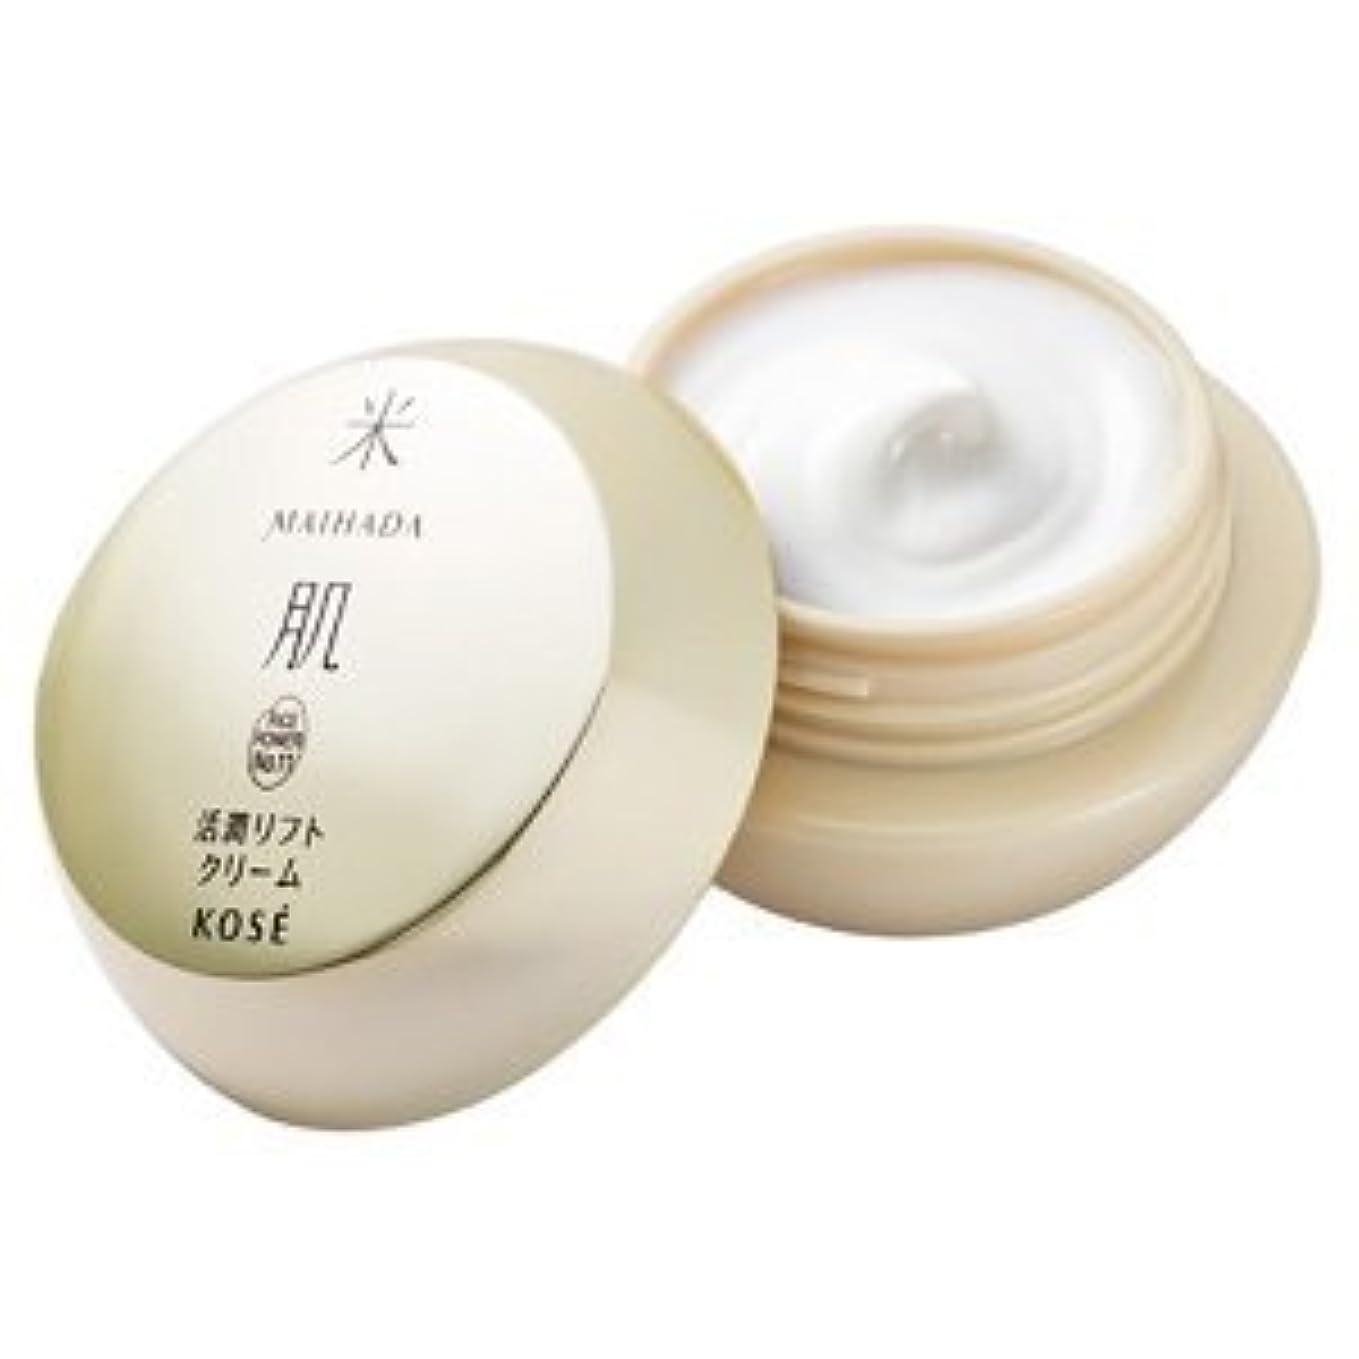 申込み世界記録のギネスブック乳剤コーセー 米肌 活潤 リフトクリーム 40g